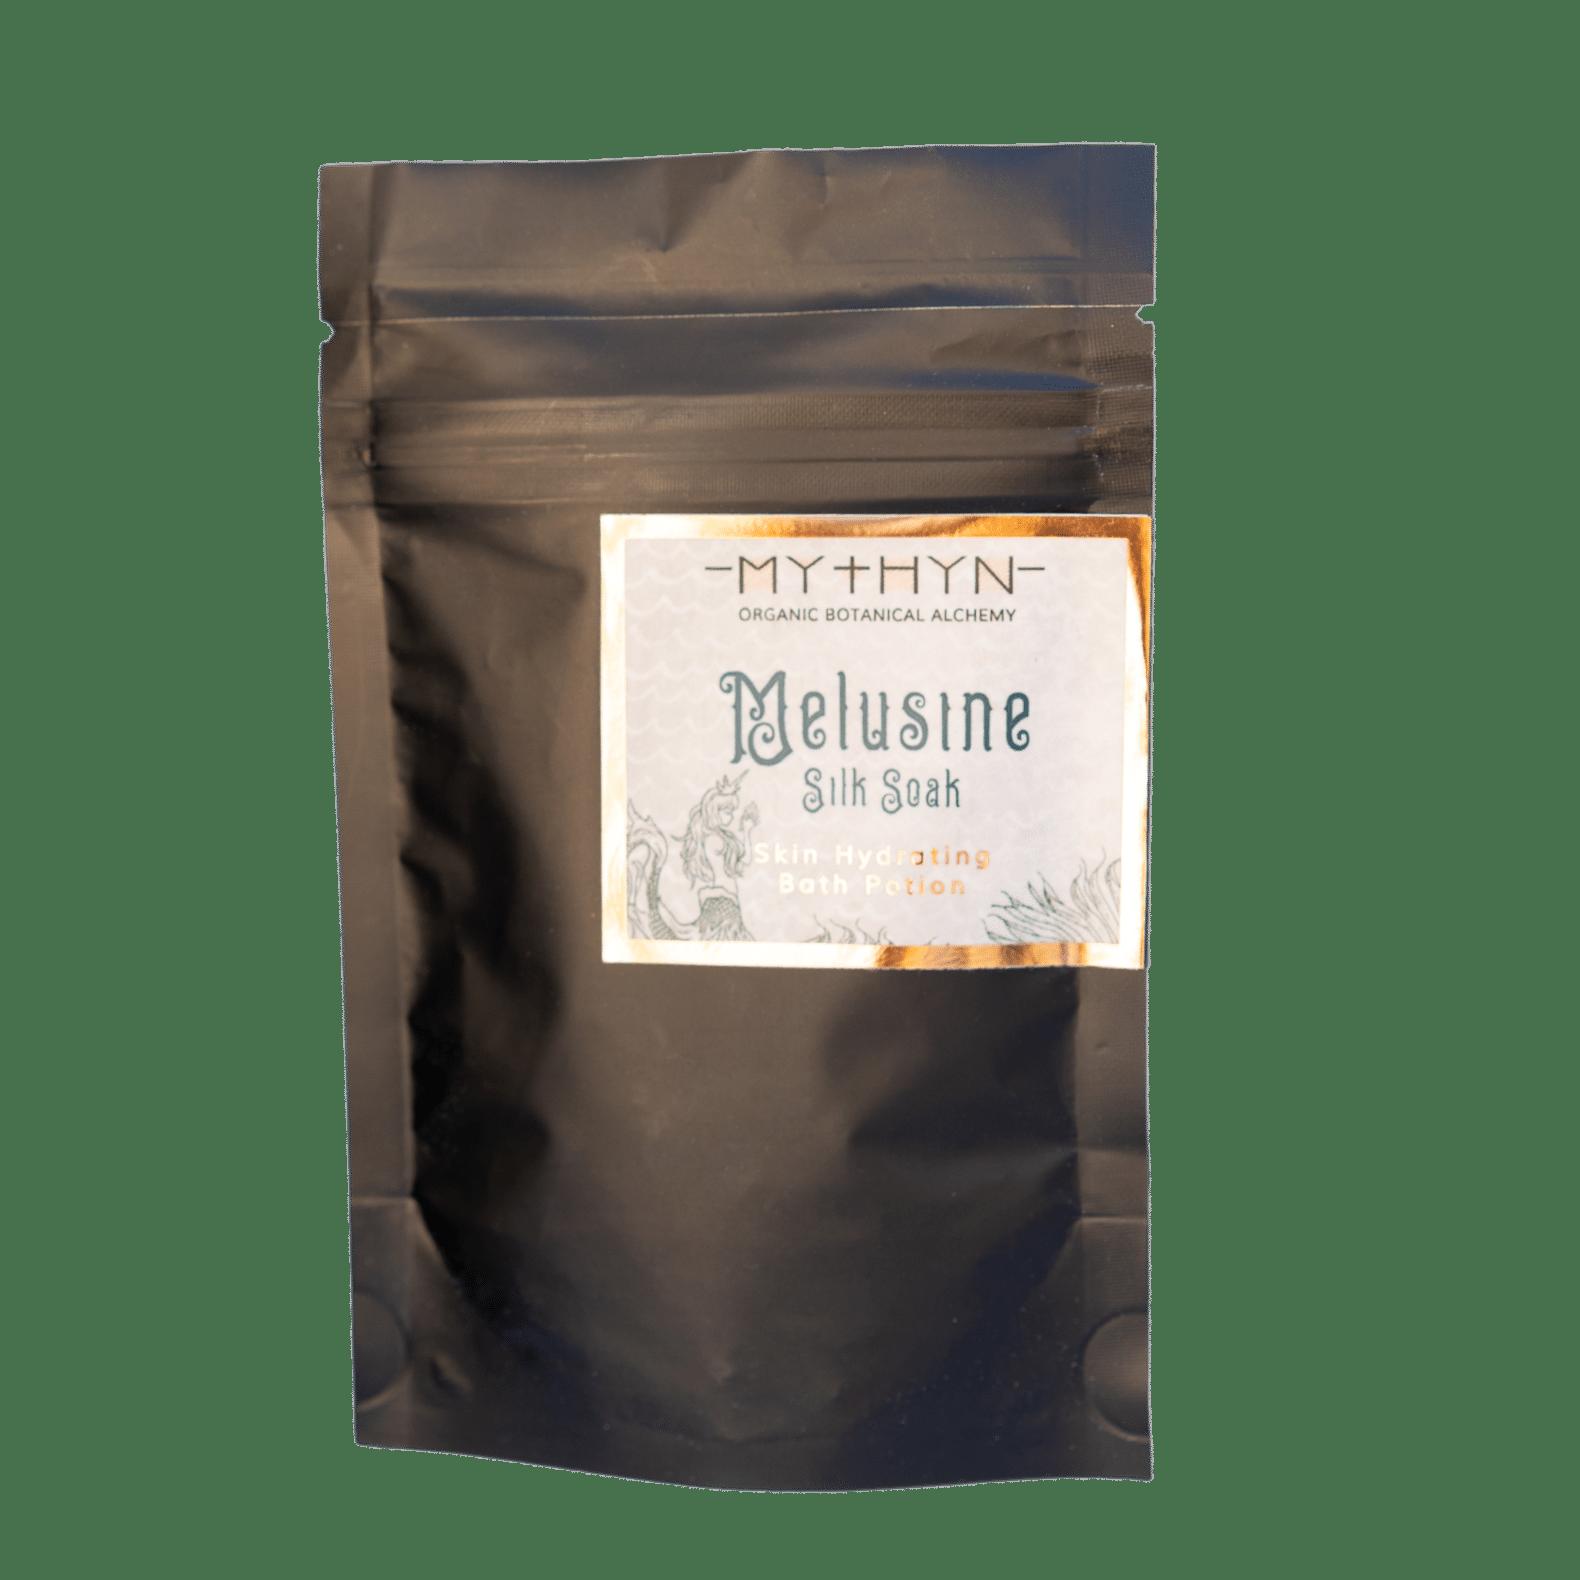 Mythyn - Melusine Silk Bath Soak Pouch 40g